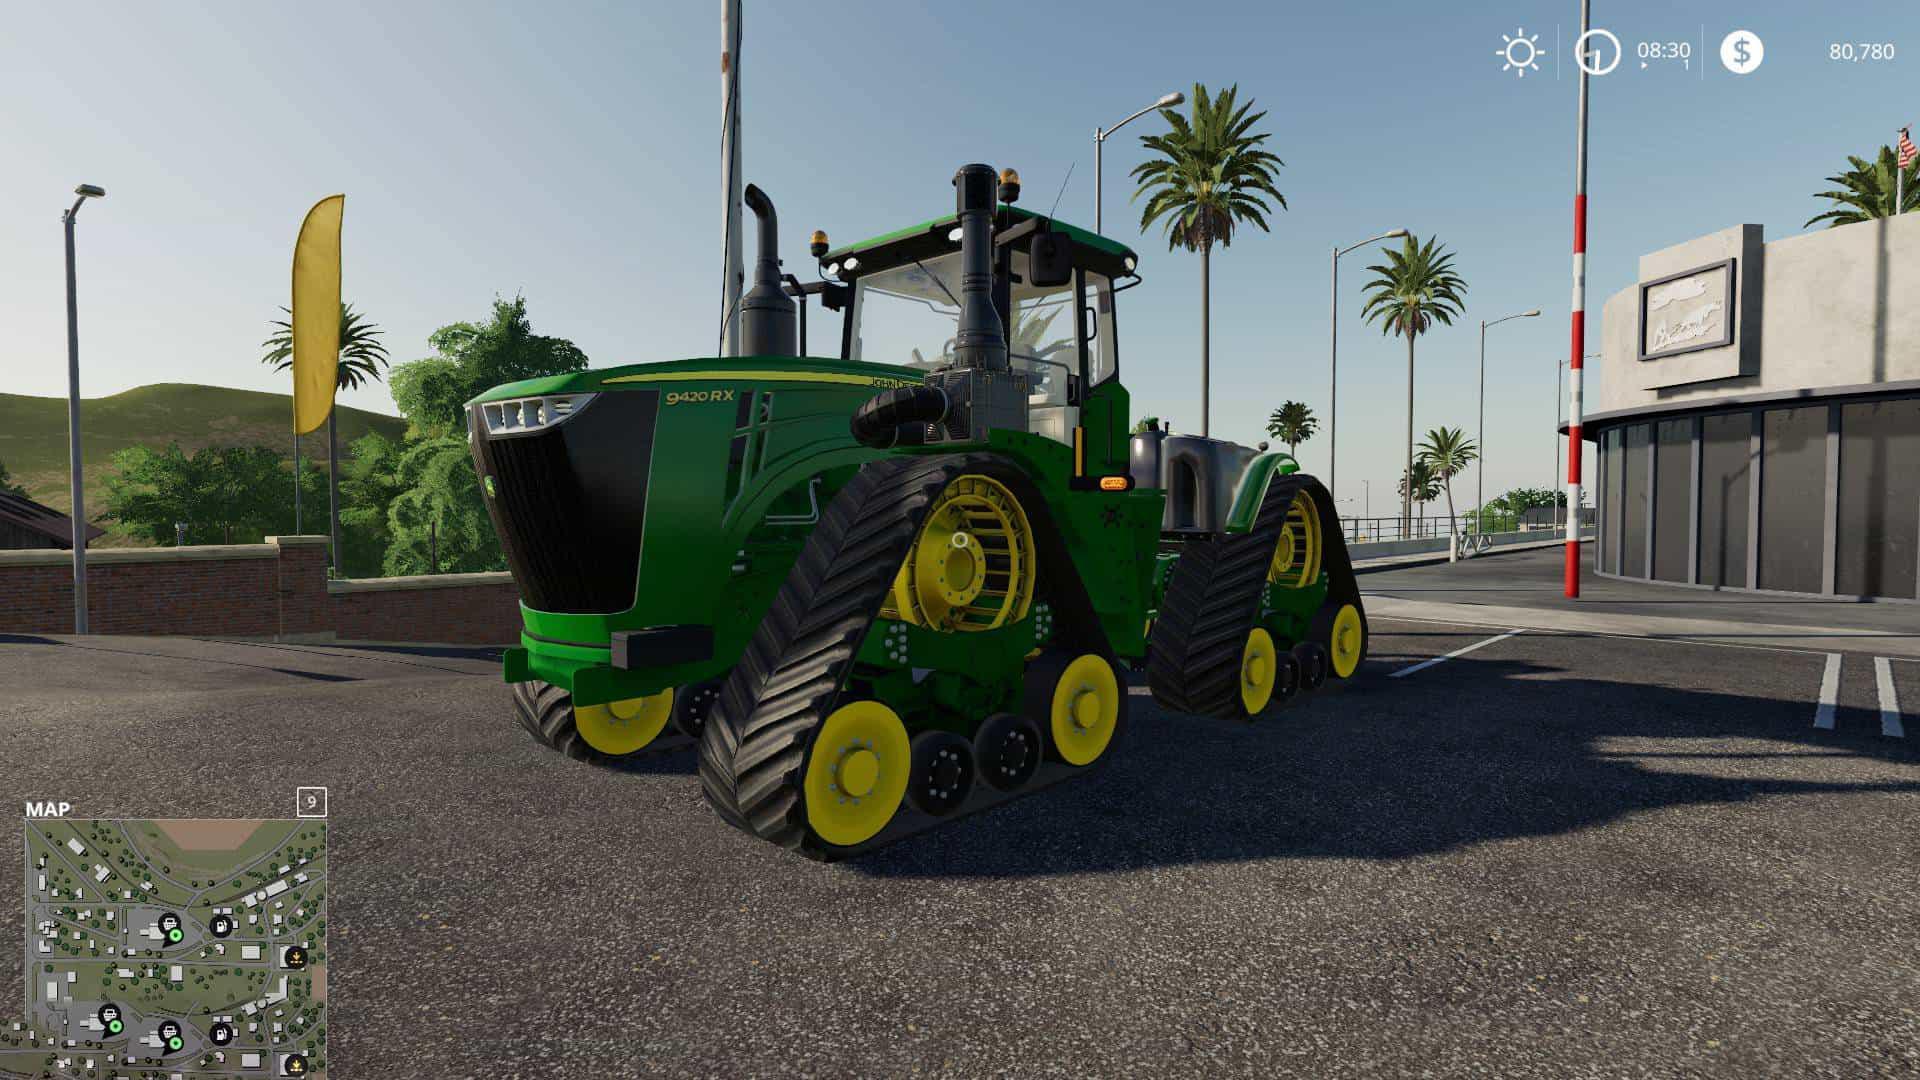 John Deere 9RX v 1 0 | FS19 mods, Farming simulator 19 mods